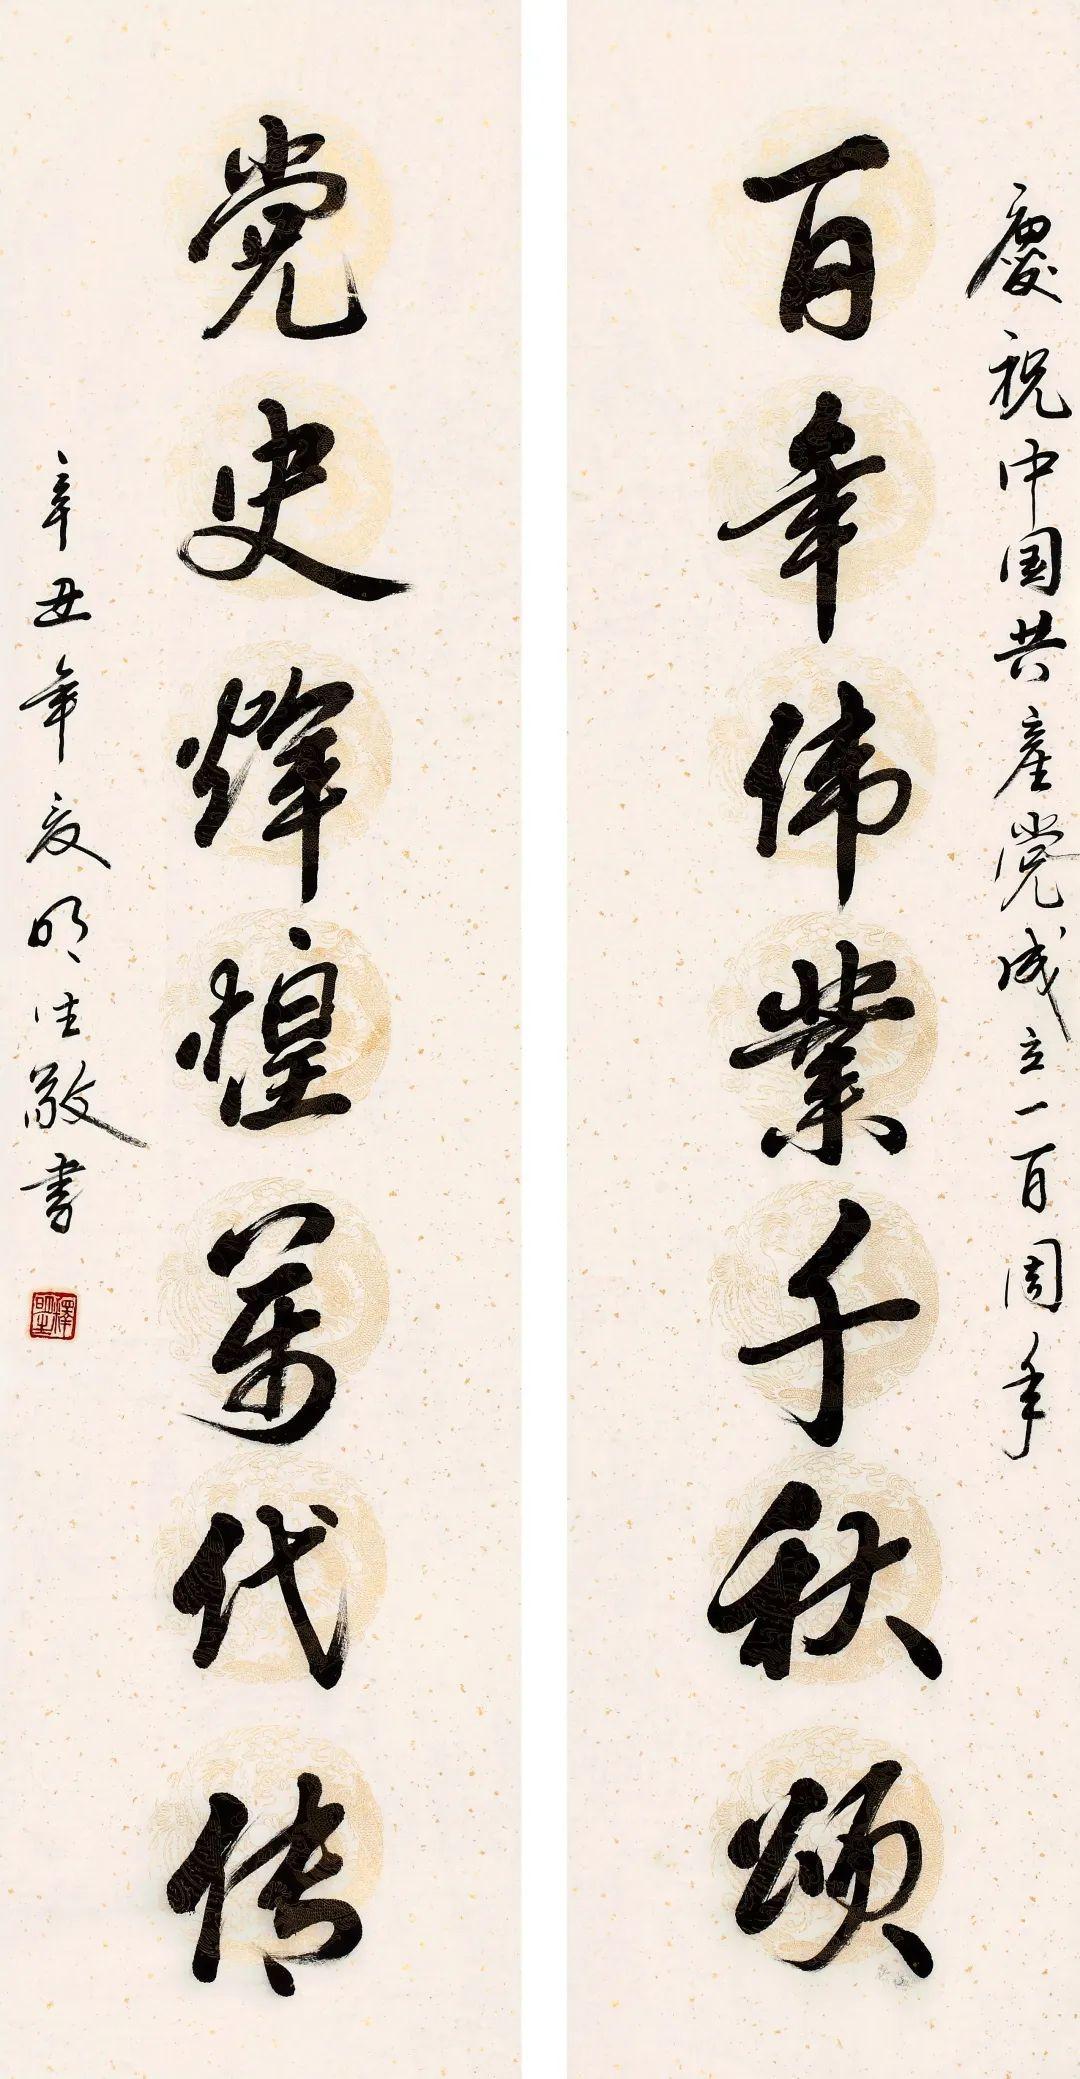 中国佛教协会副会长、广东省佛教协会会长、广州光孝寺方丈明生大和尚